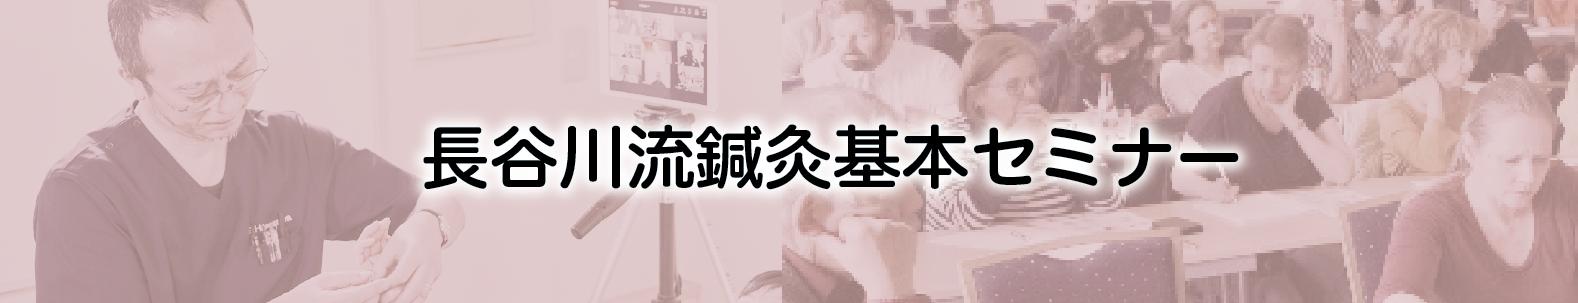 長谷川流鍼灸セミナーのご案内_メインPC